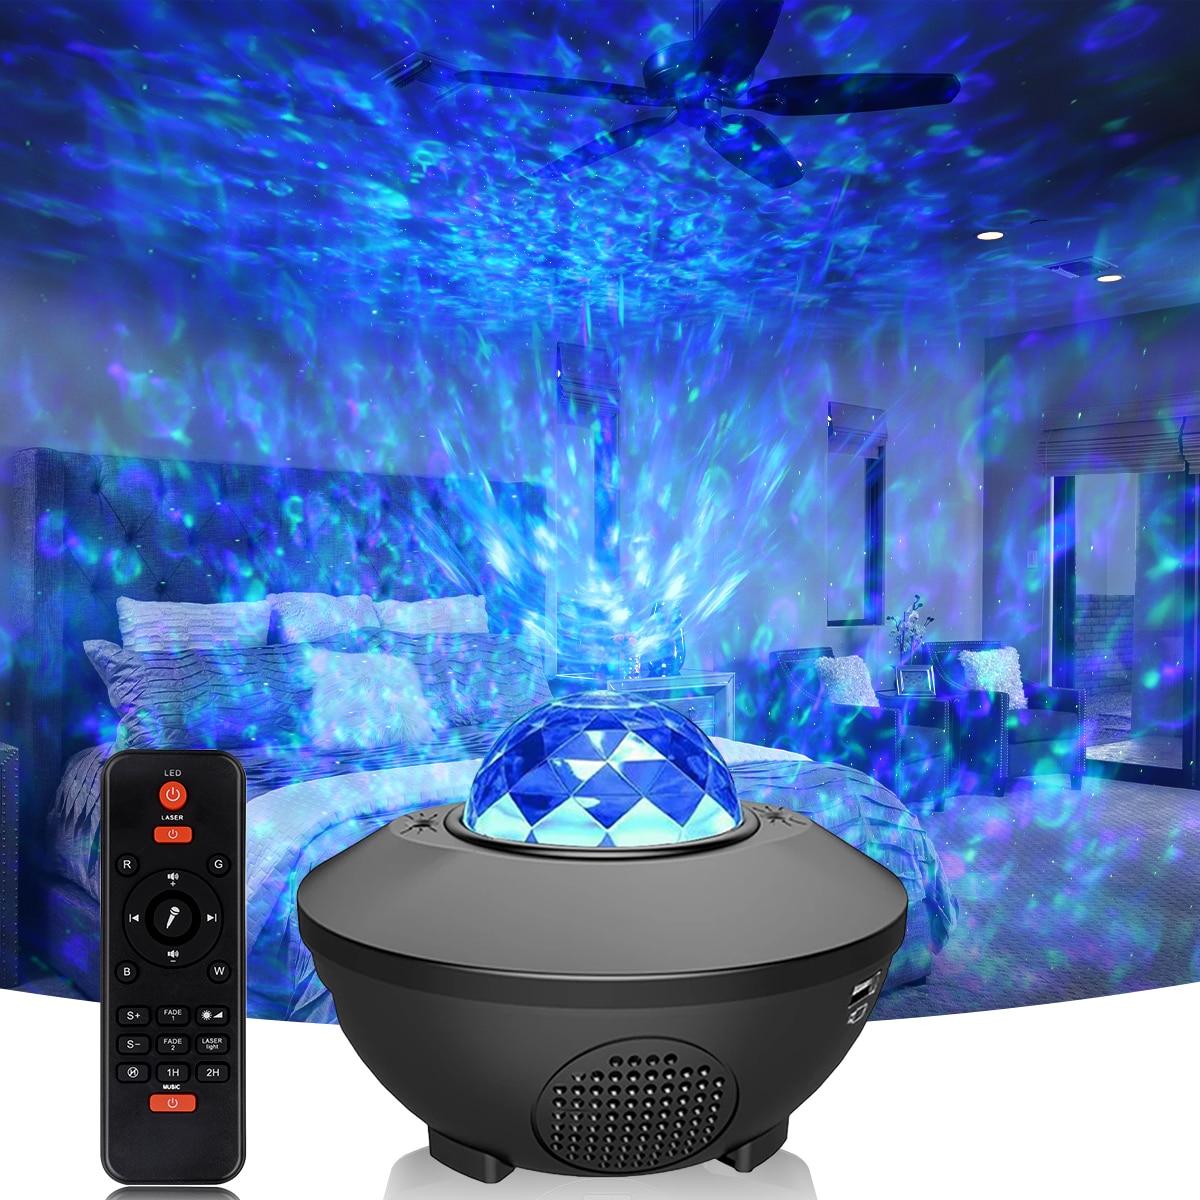 جهاز عرض ليزر LED ملون مع تحكم في الموسيقى ، نجم القمر ، المجرة ، السماء ، المحيط ، موجة ، التحكم في الموسيقى ، الأضواء الليلية